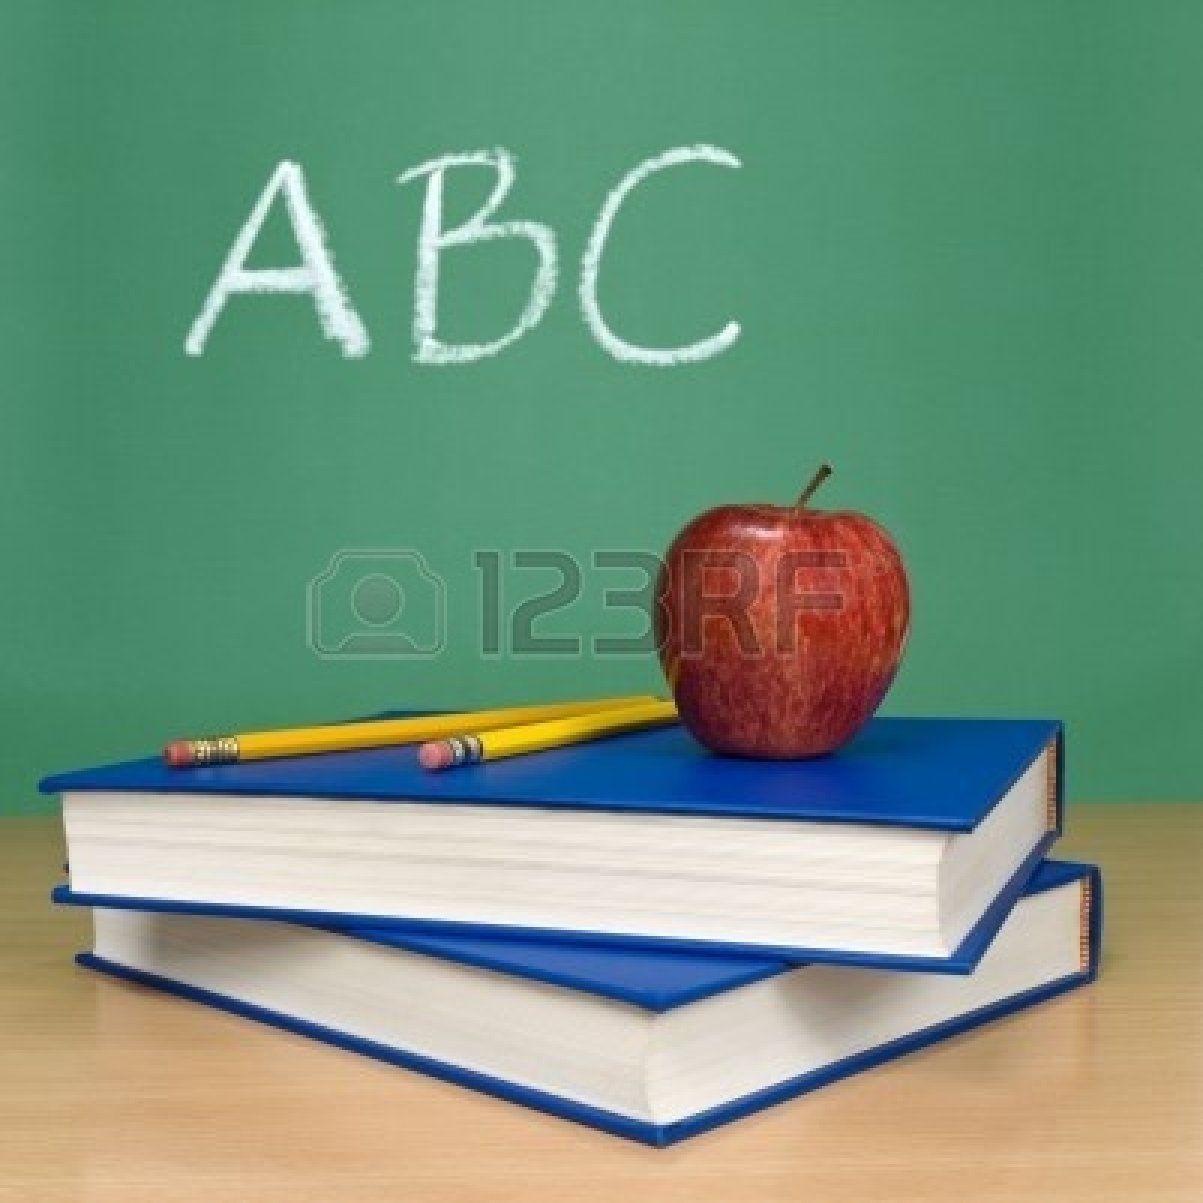 Método ABC El método abc es un método de productividad que sirve para organizar nuestras actividades del día a día.